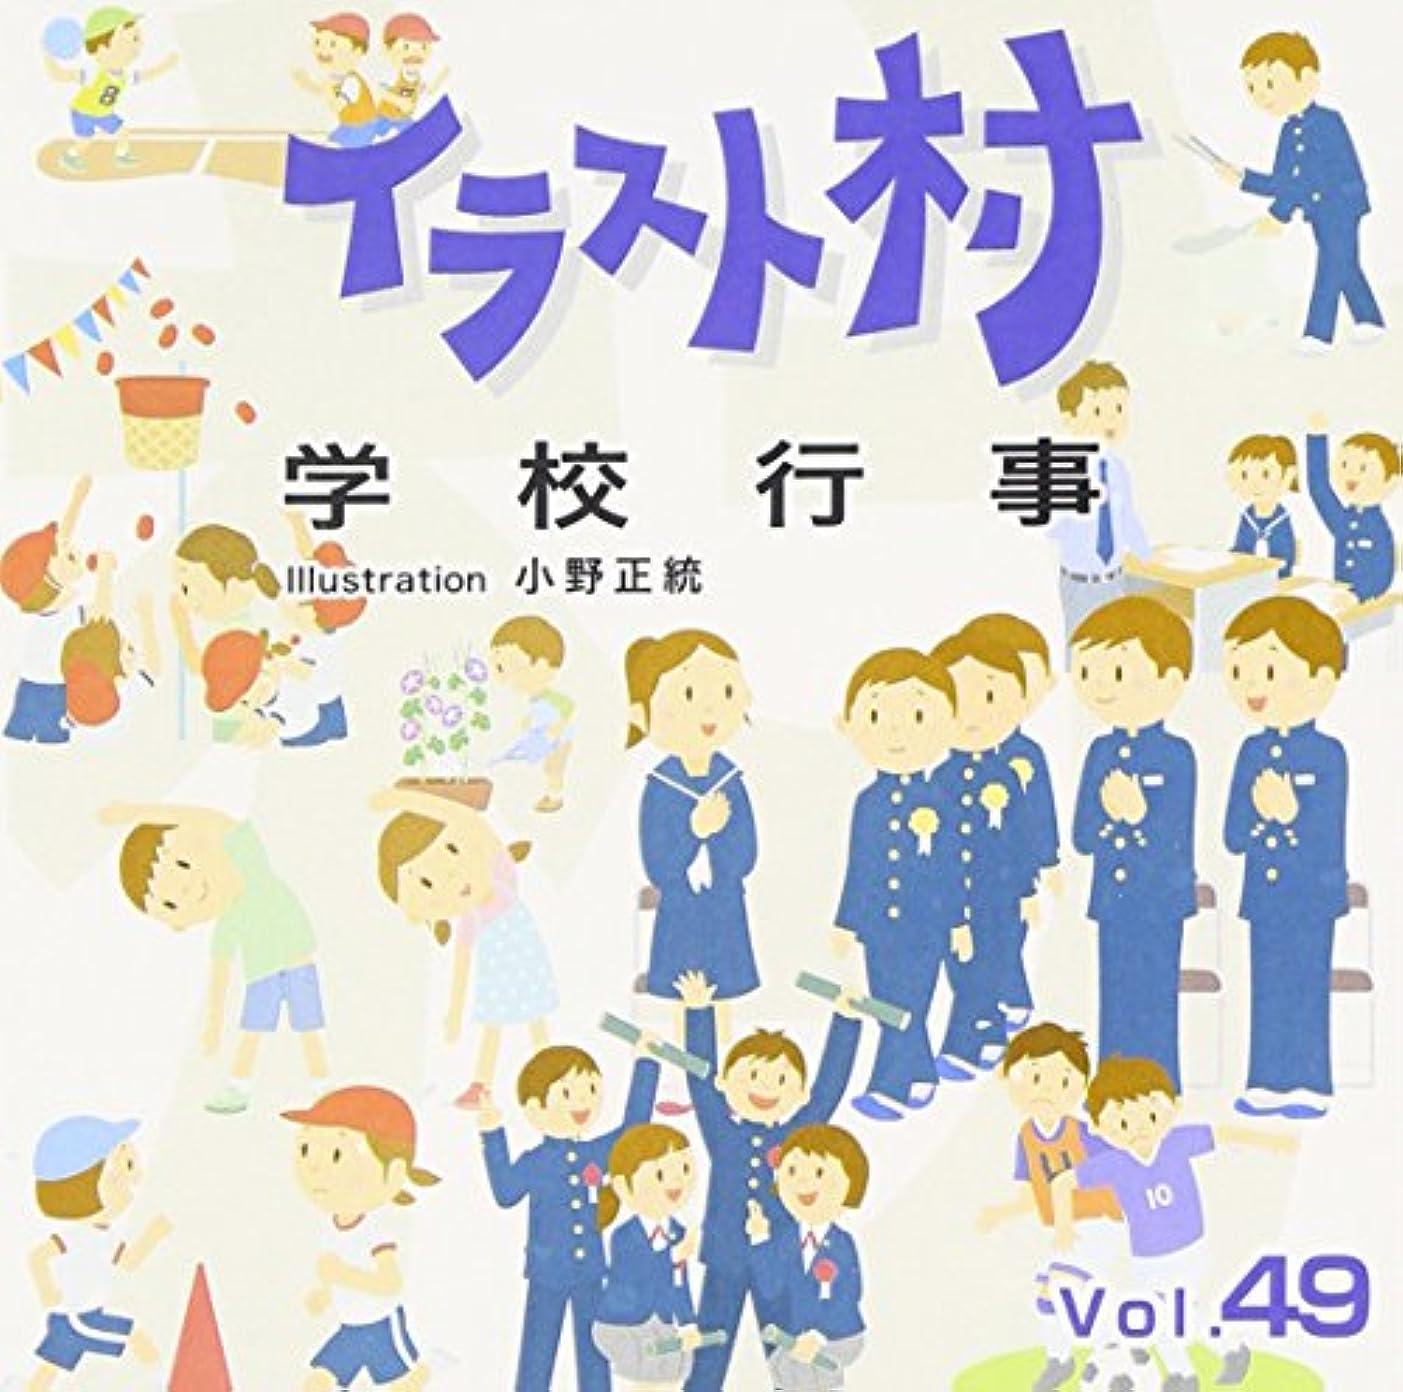 検索エンジン最適化綺麗なあいまいなイラスト村 Vol.49 学校行事